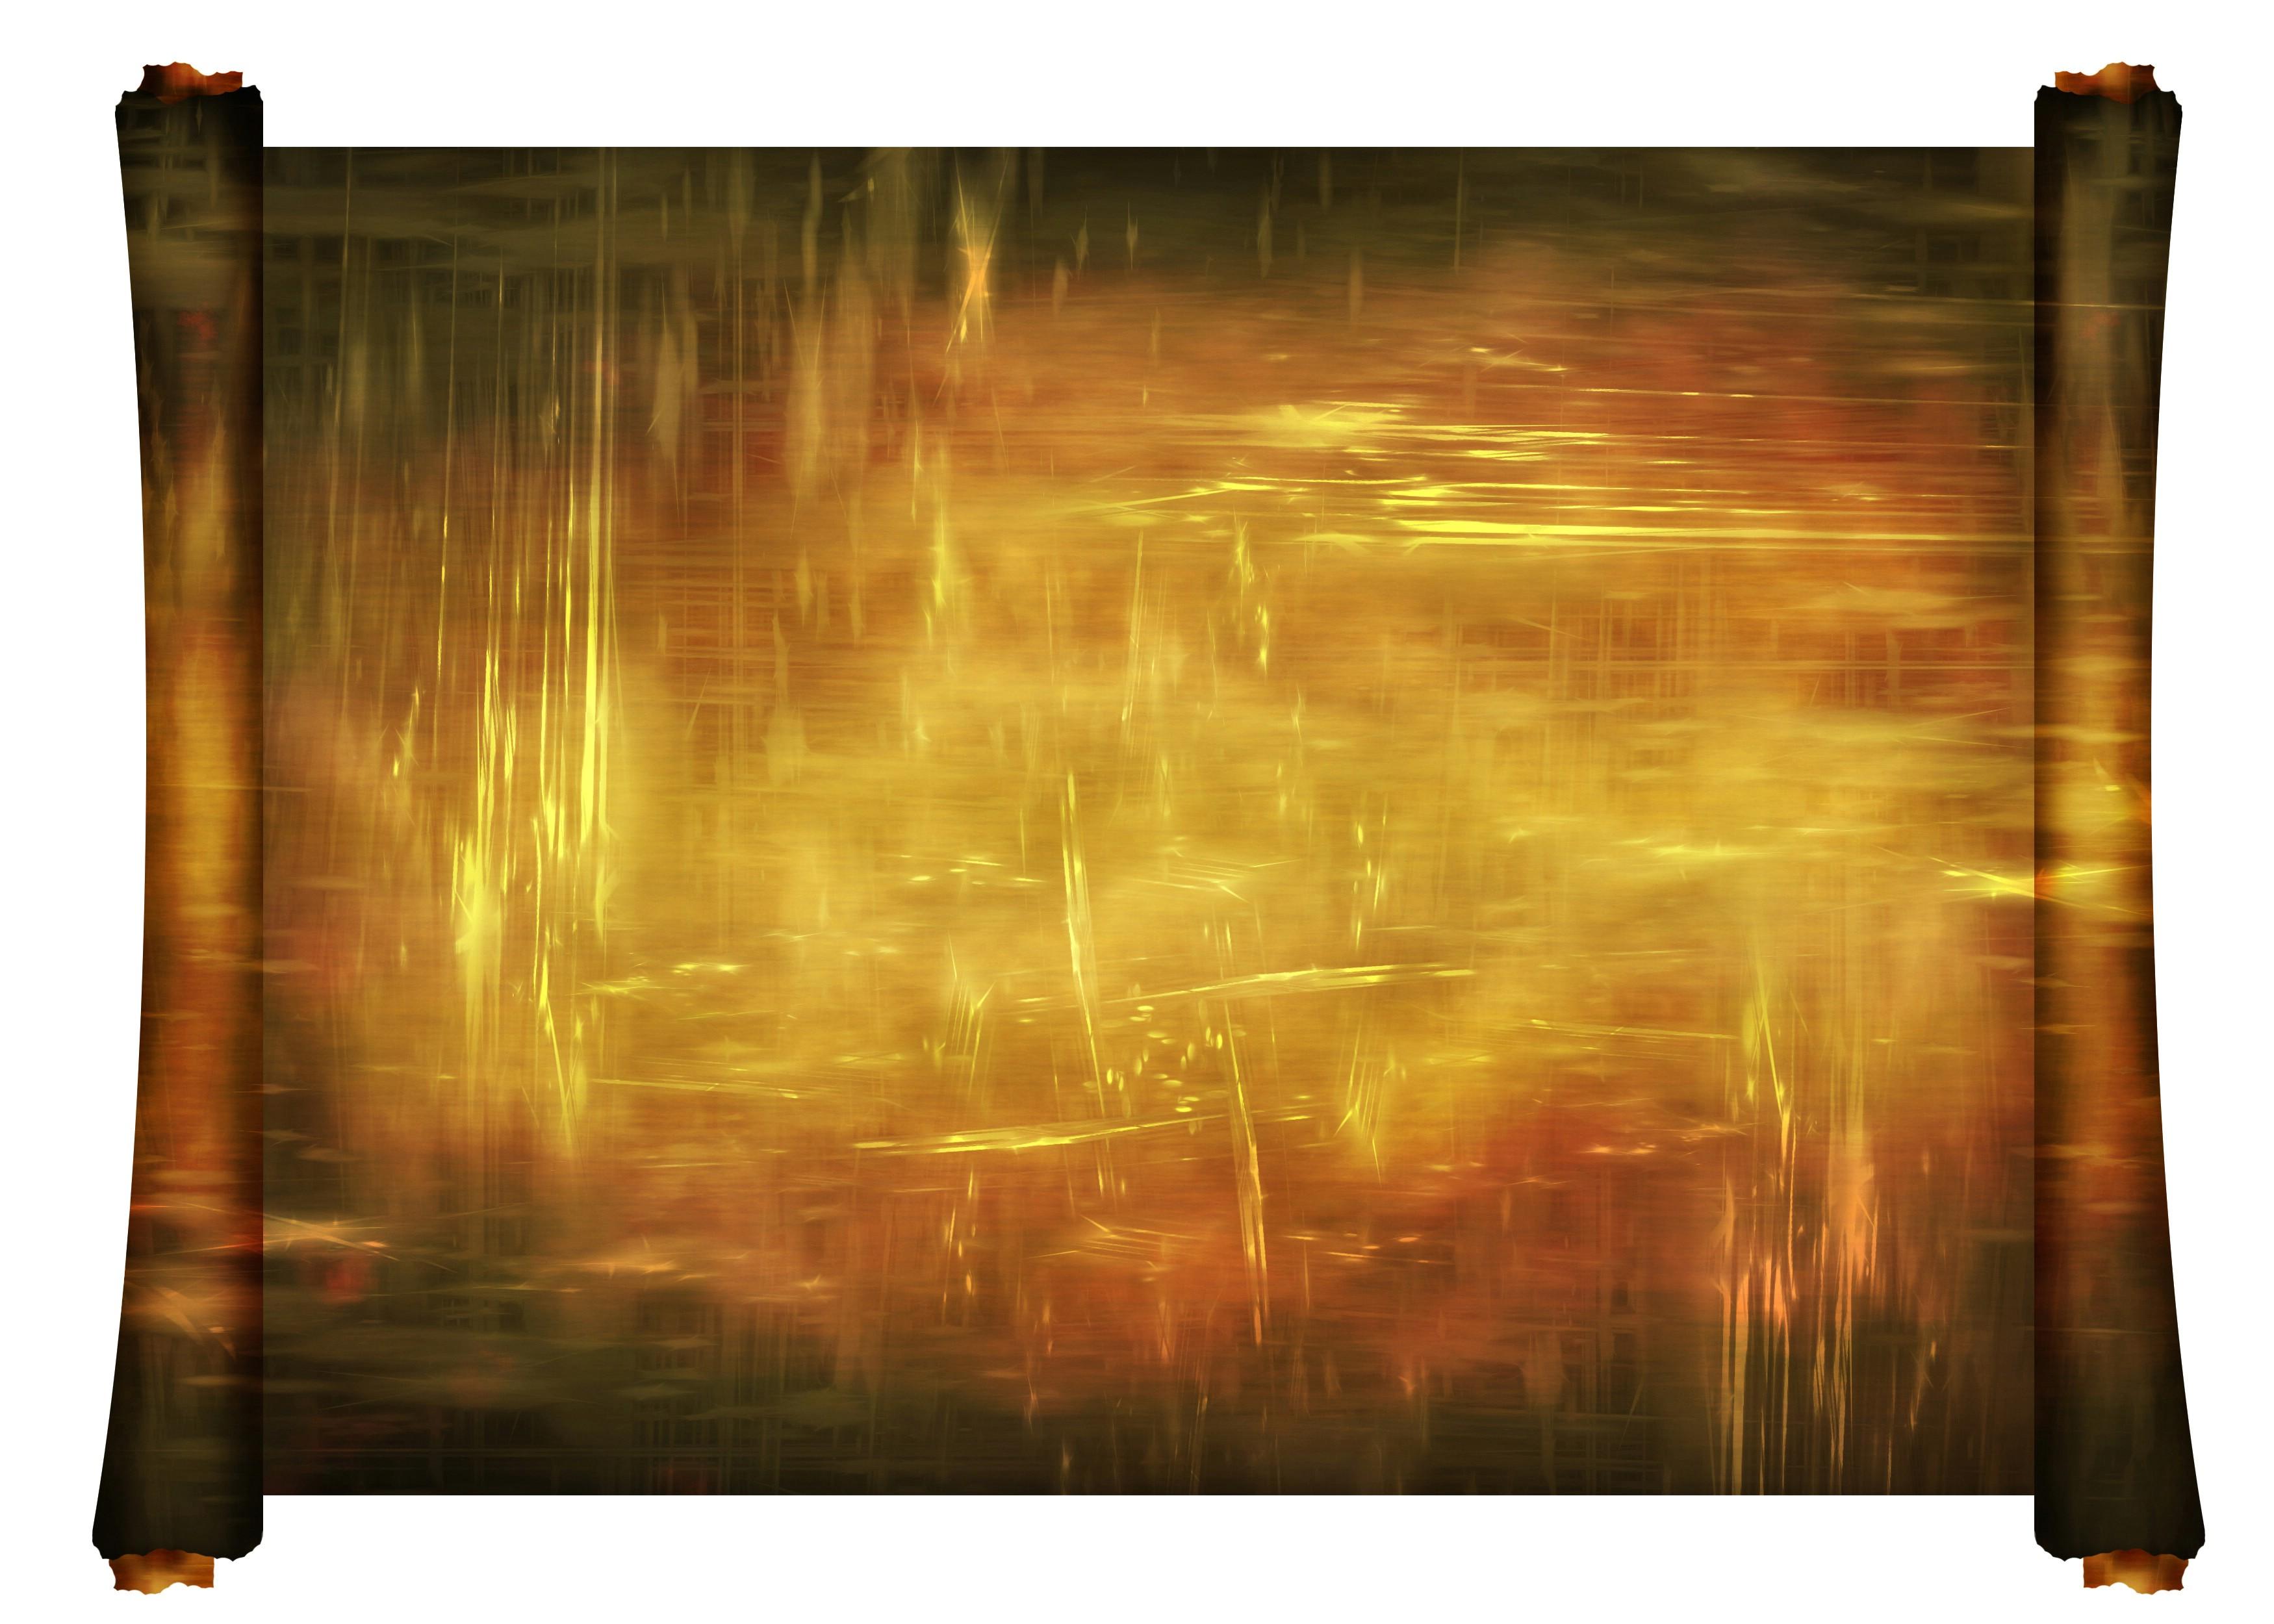 огненный свиток картинка дроссельные заслонки